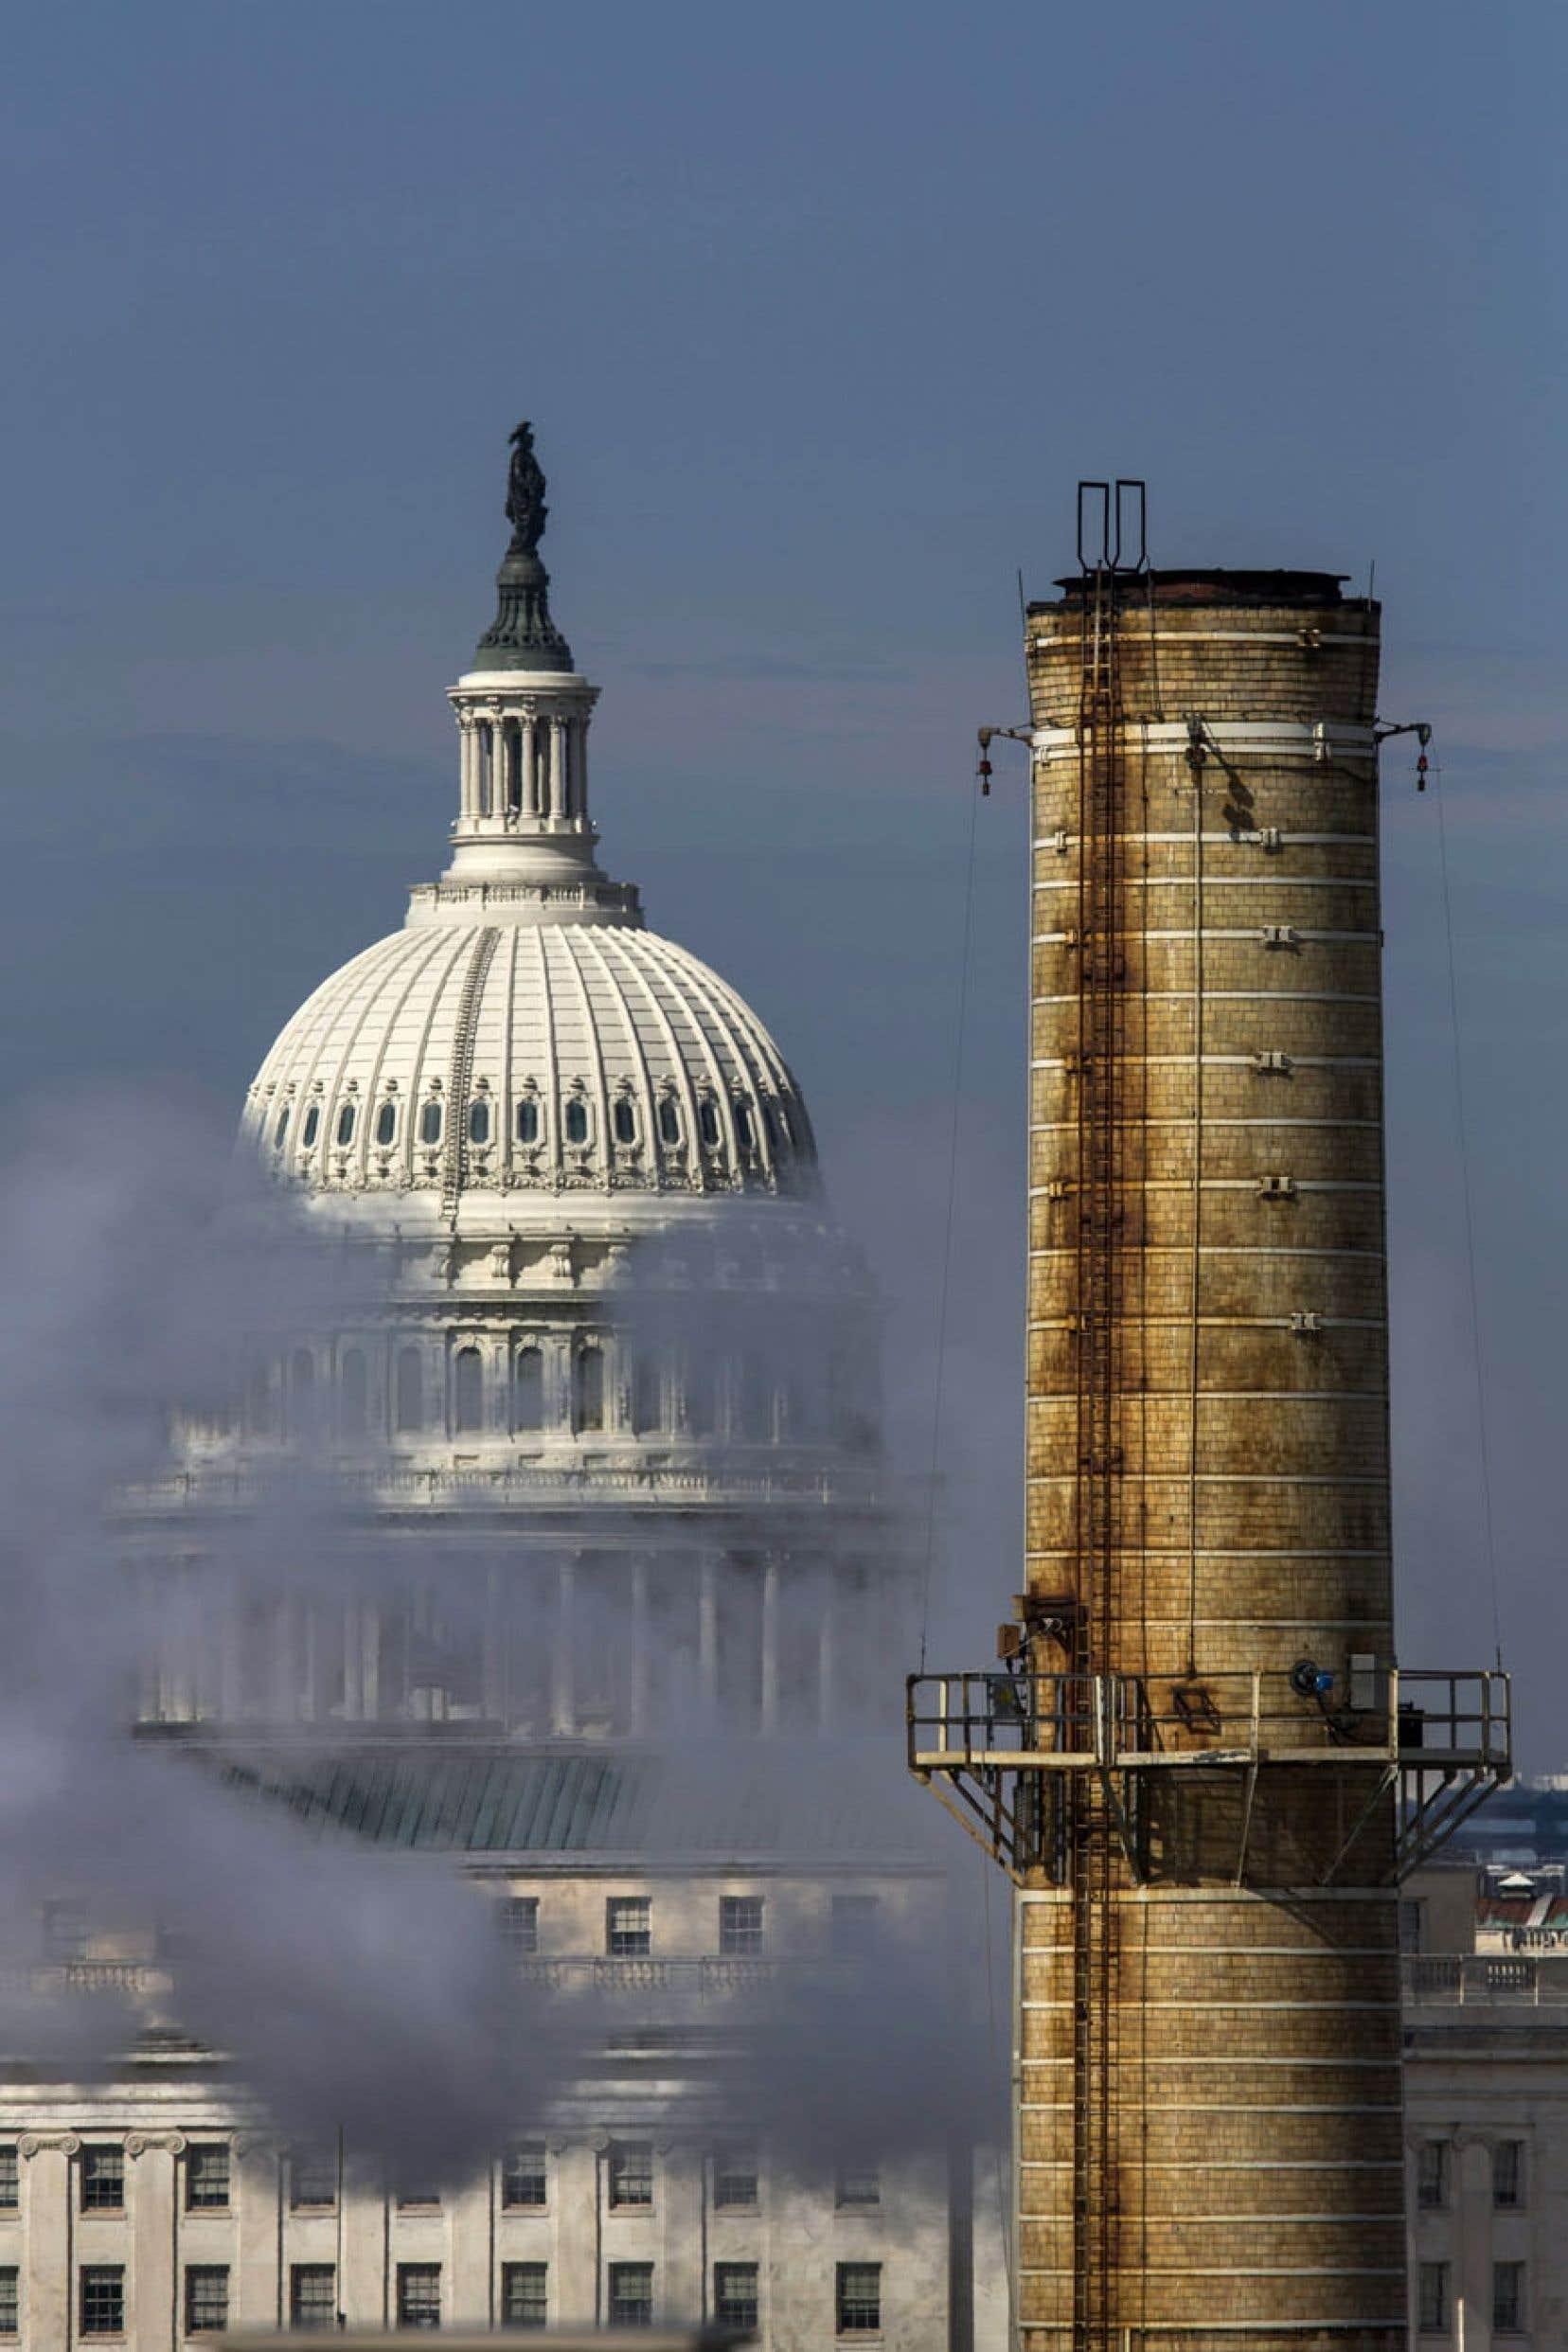 Le dôme du Capitole, à Washington, aperçu derrière les rejets émis par l'unique centrale au charbon de la capitale américaine.